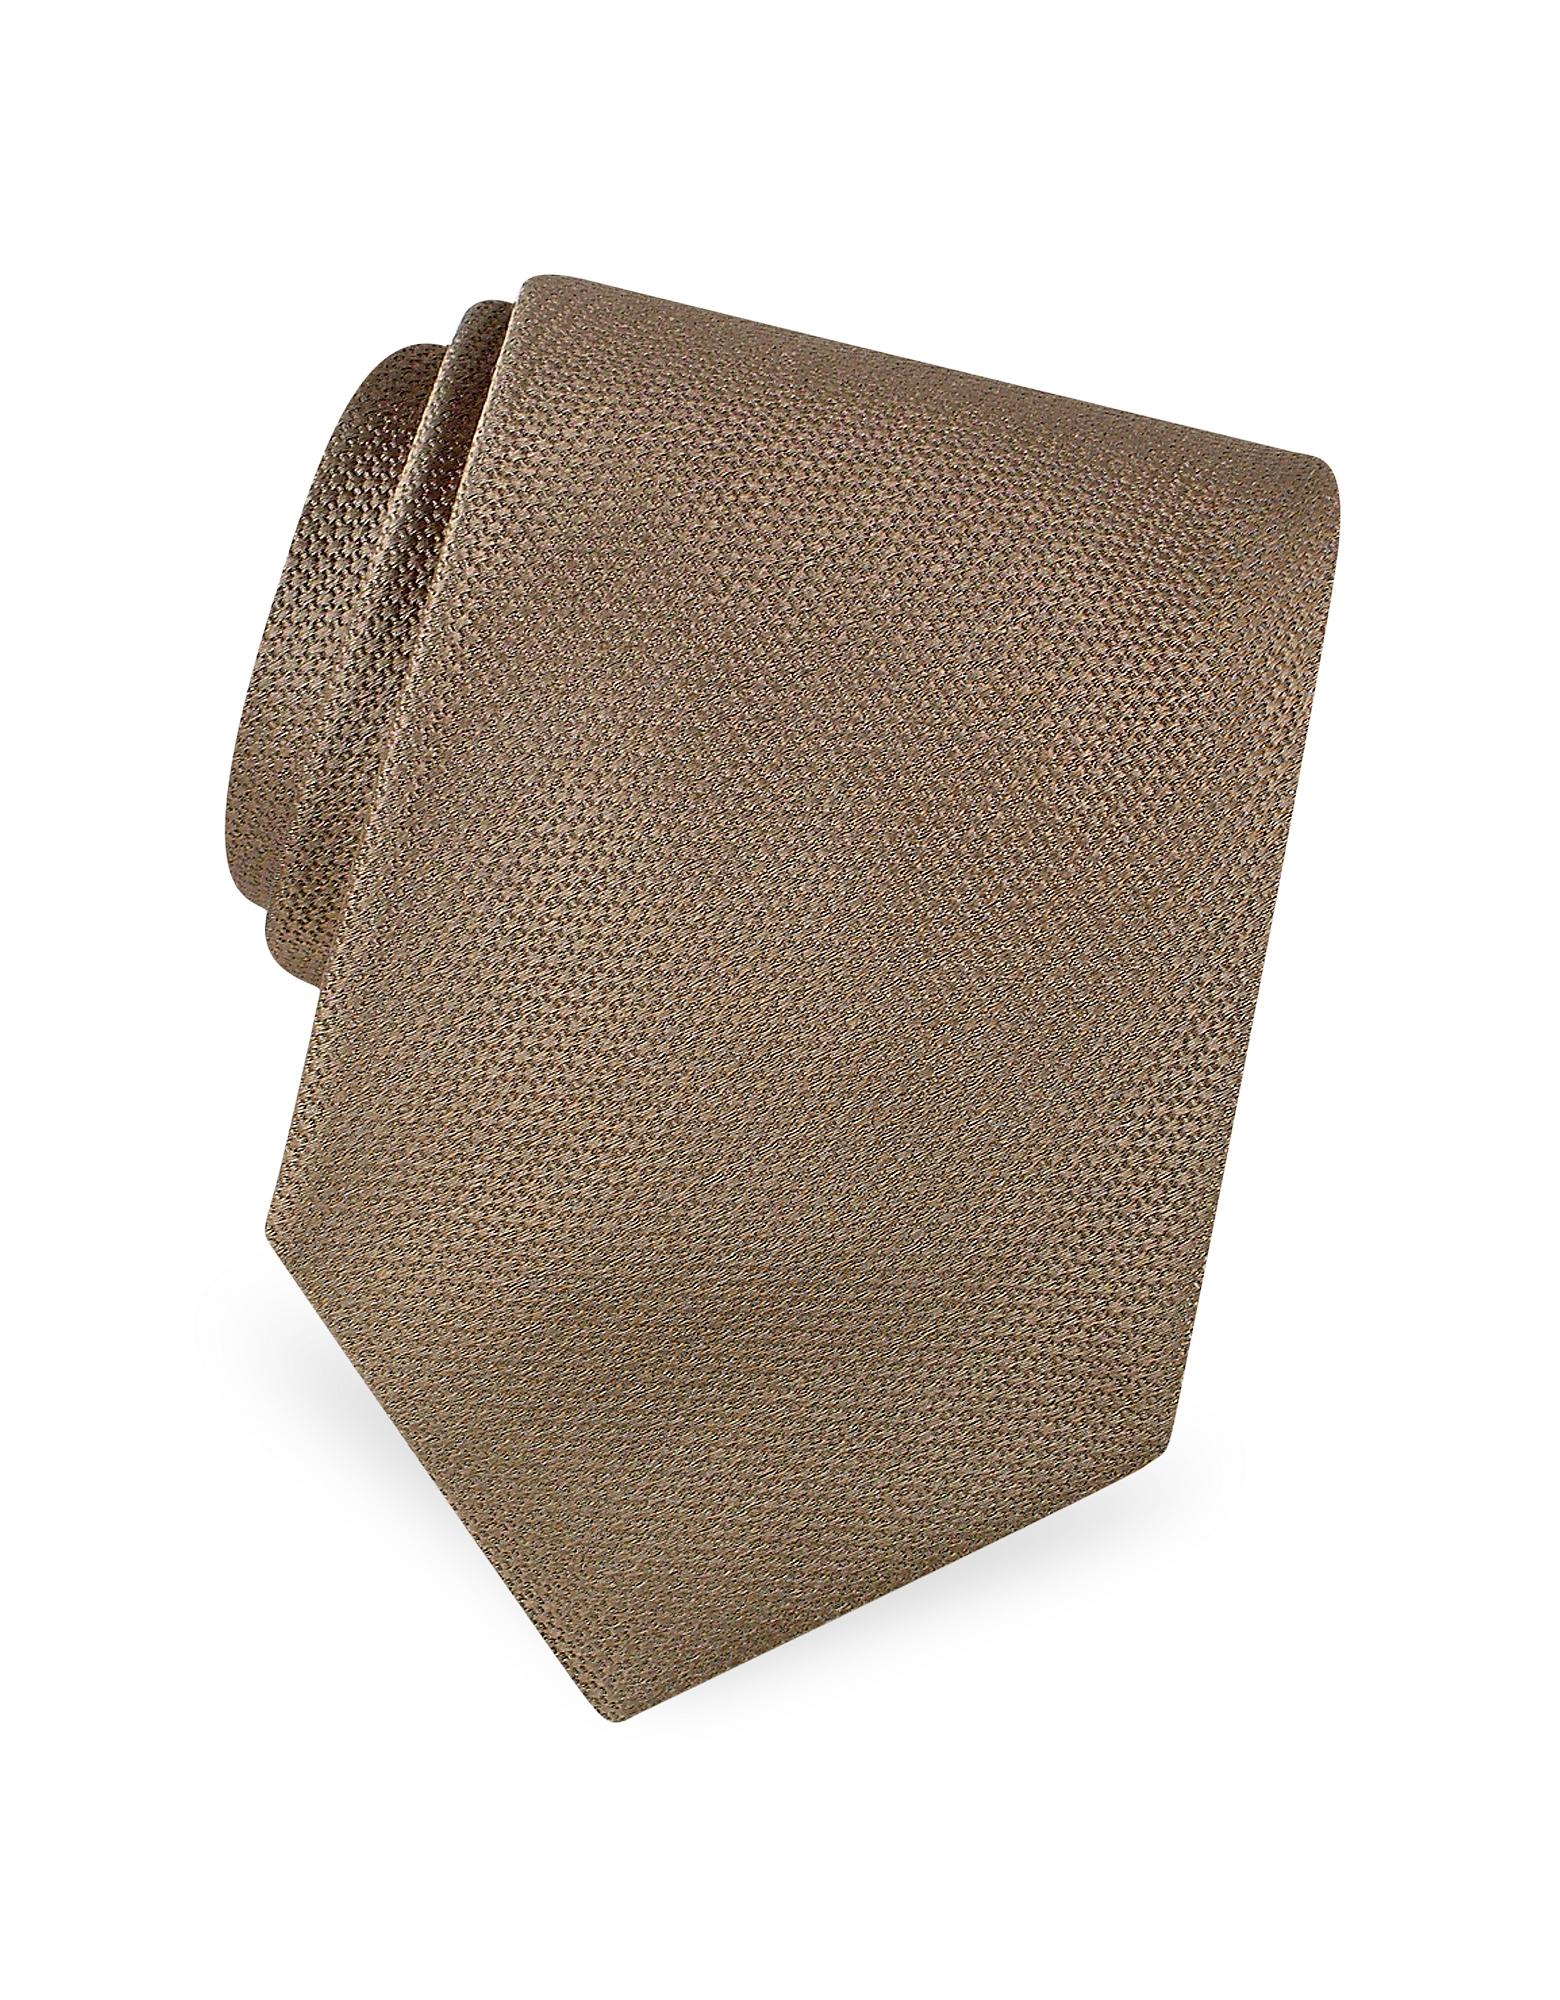 Forzieri Designer Ties, Gold Line Solid Woven Silk Tie